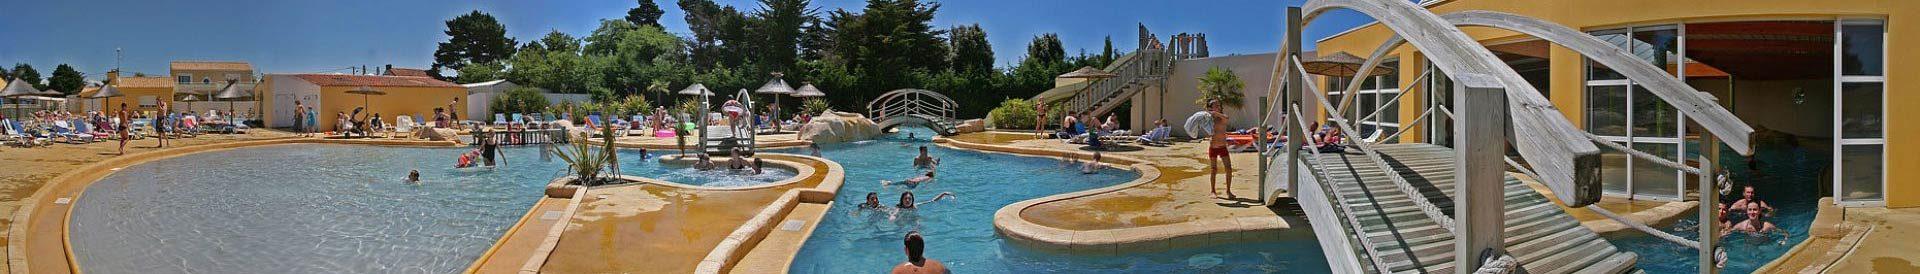 le parc aquatique du camping Les Sables d'Olonne